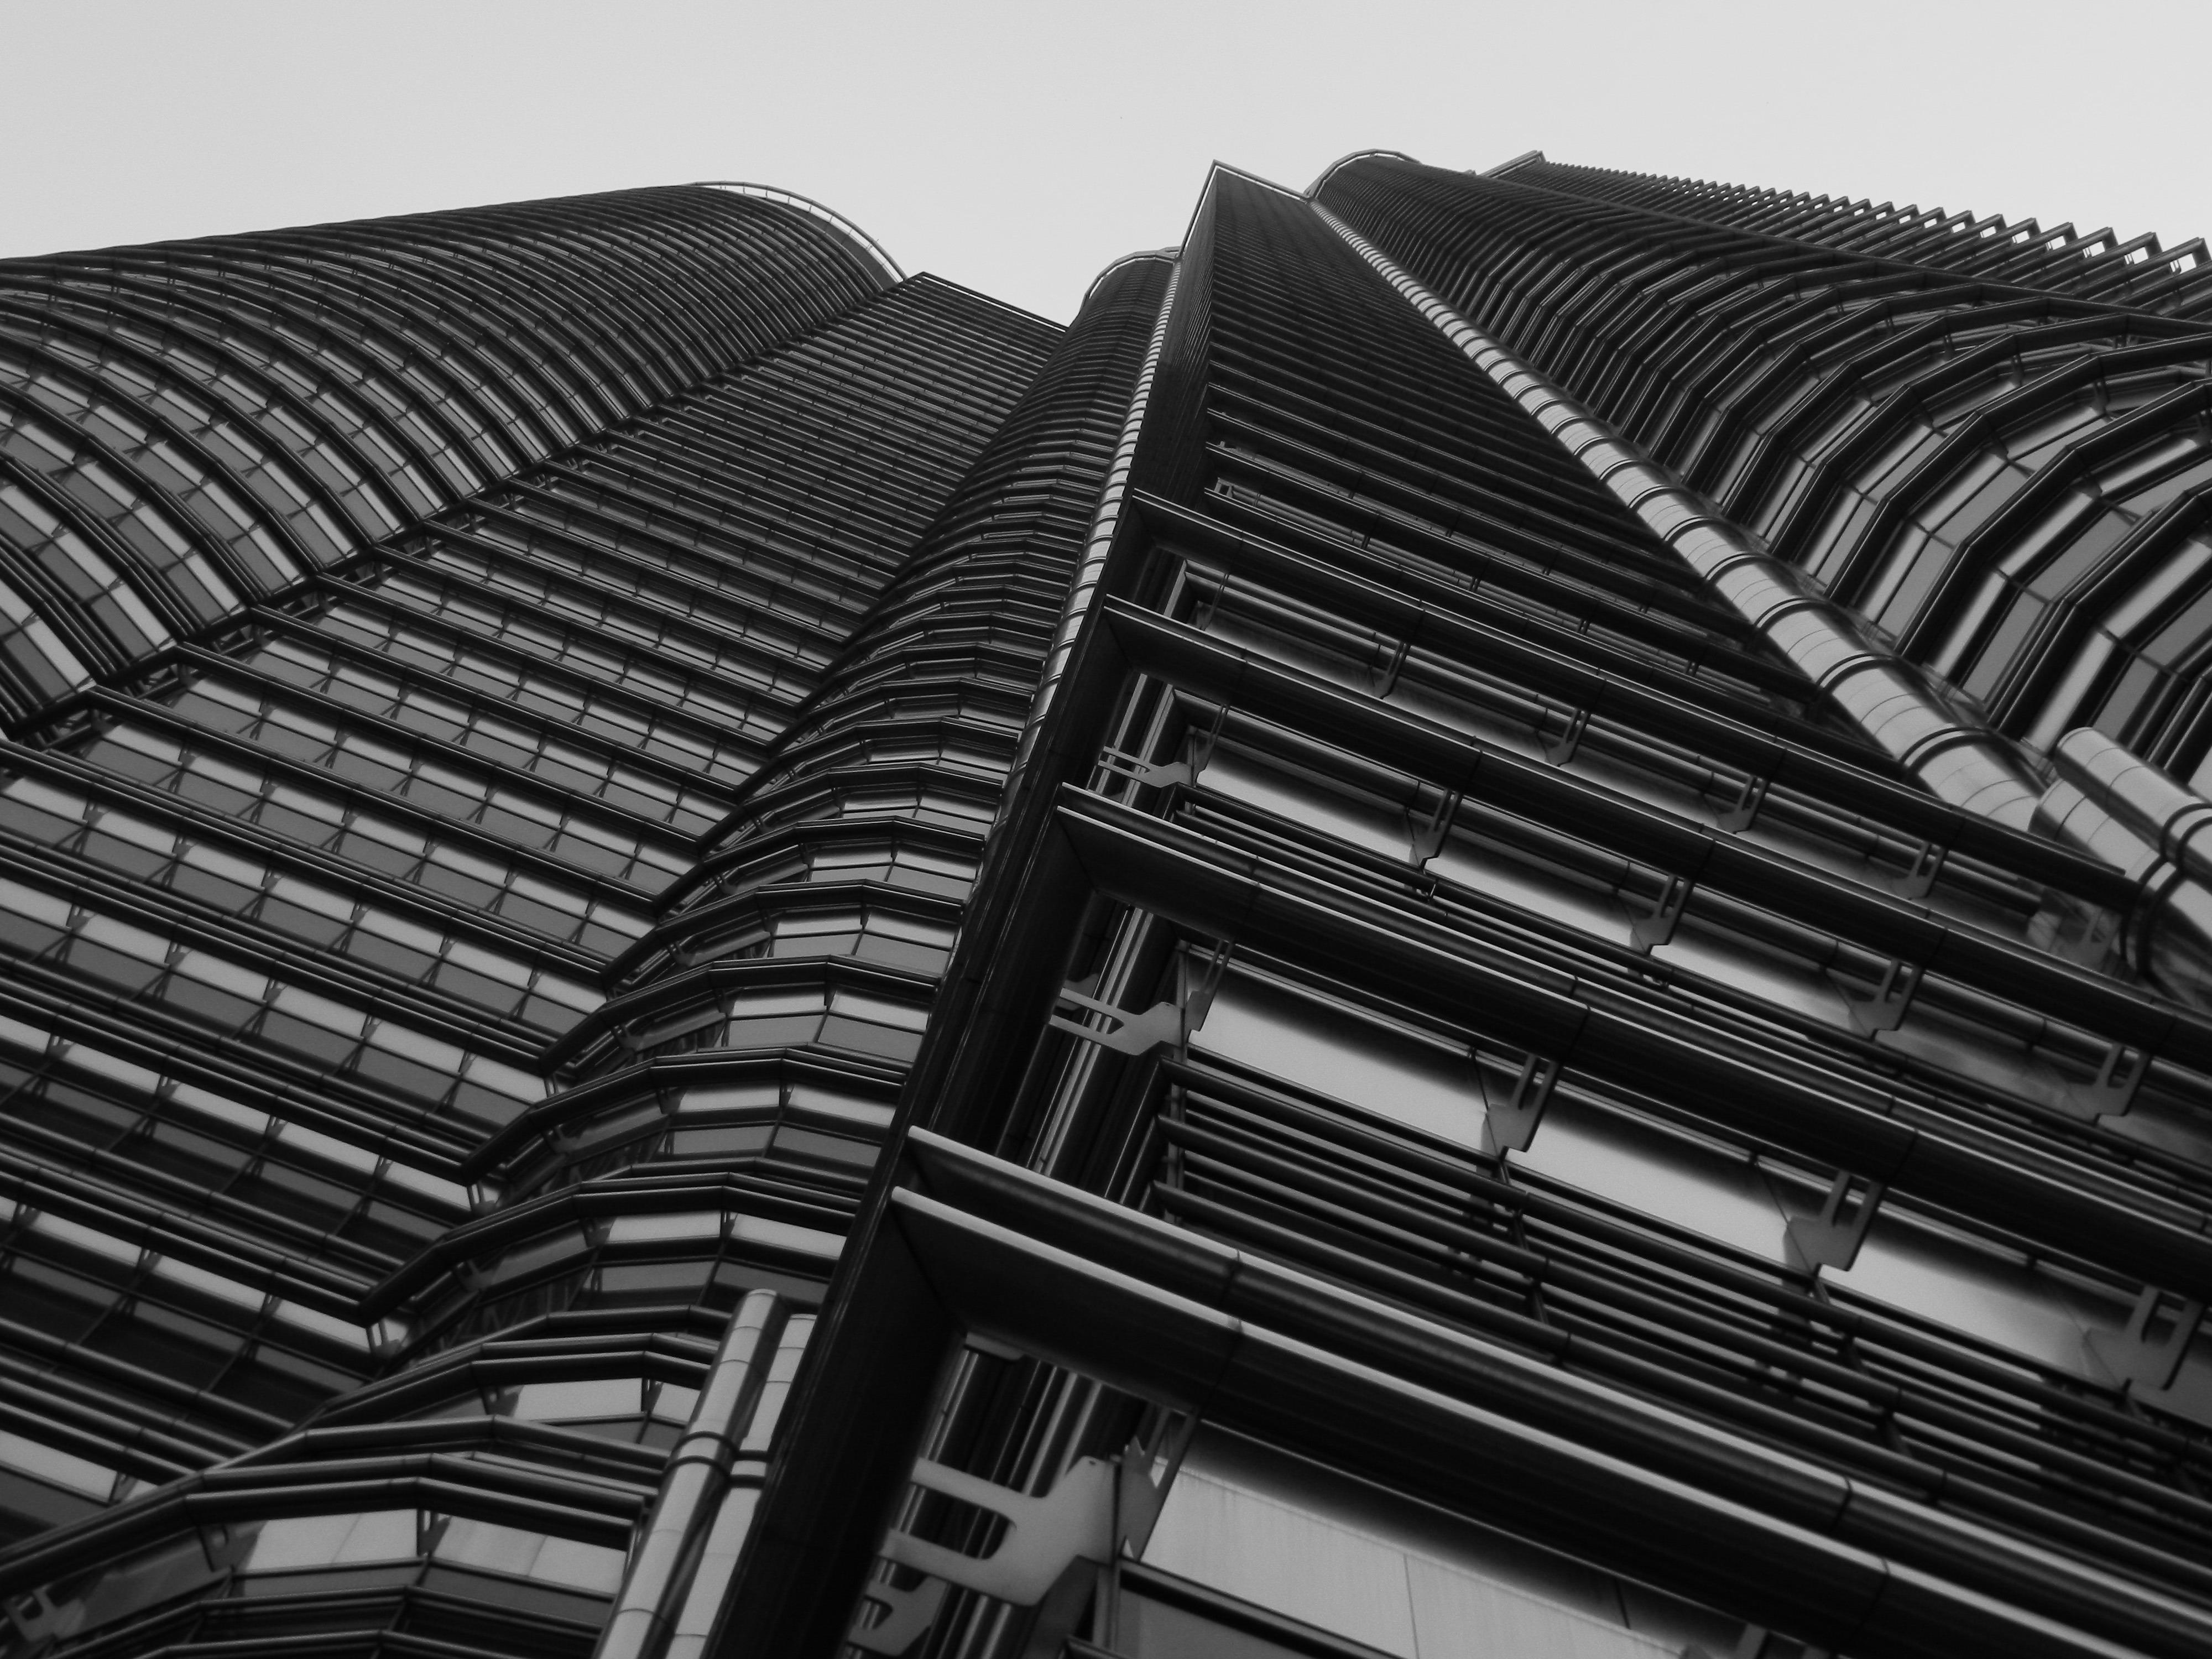 Fotos Gratis : Abstracto, En Blanco Y Negro, Arquitectura